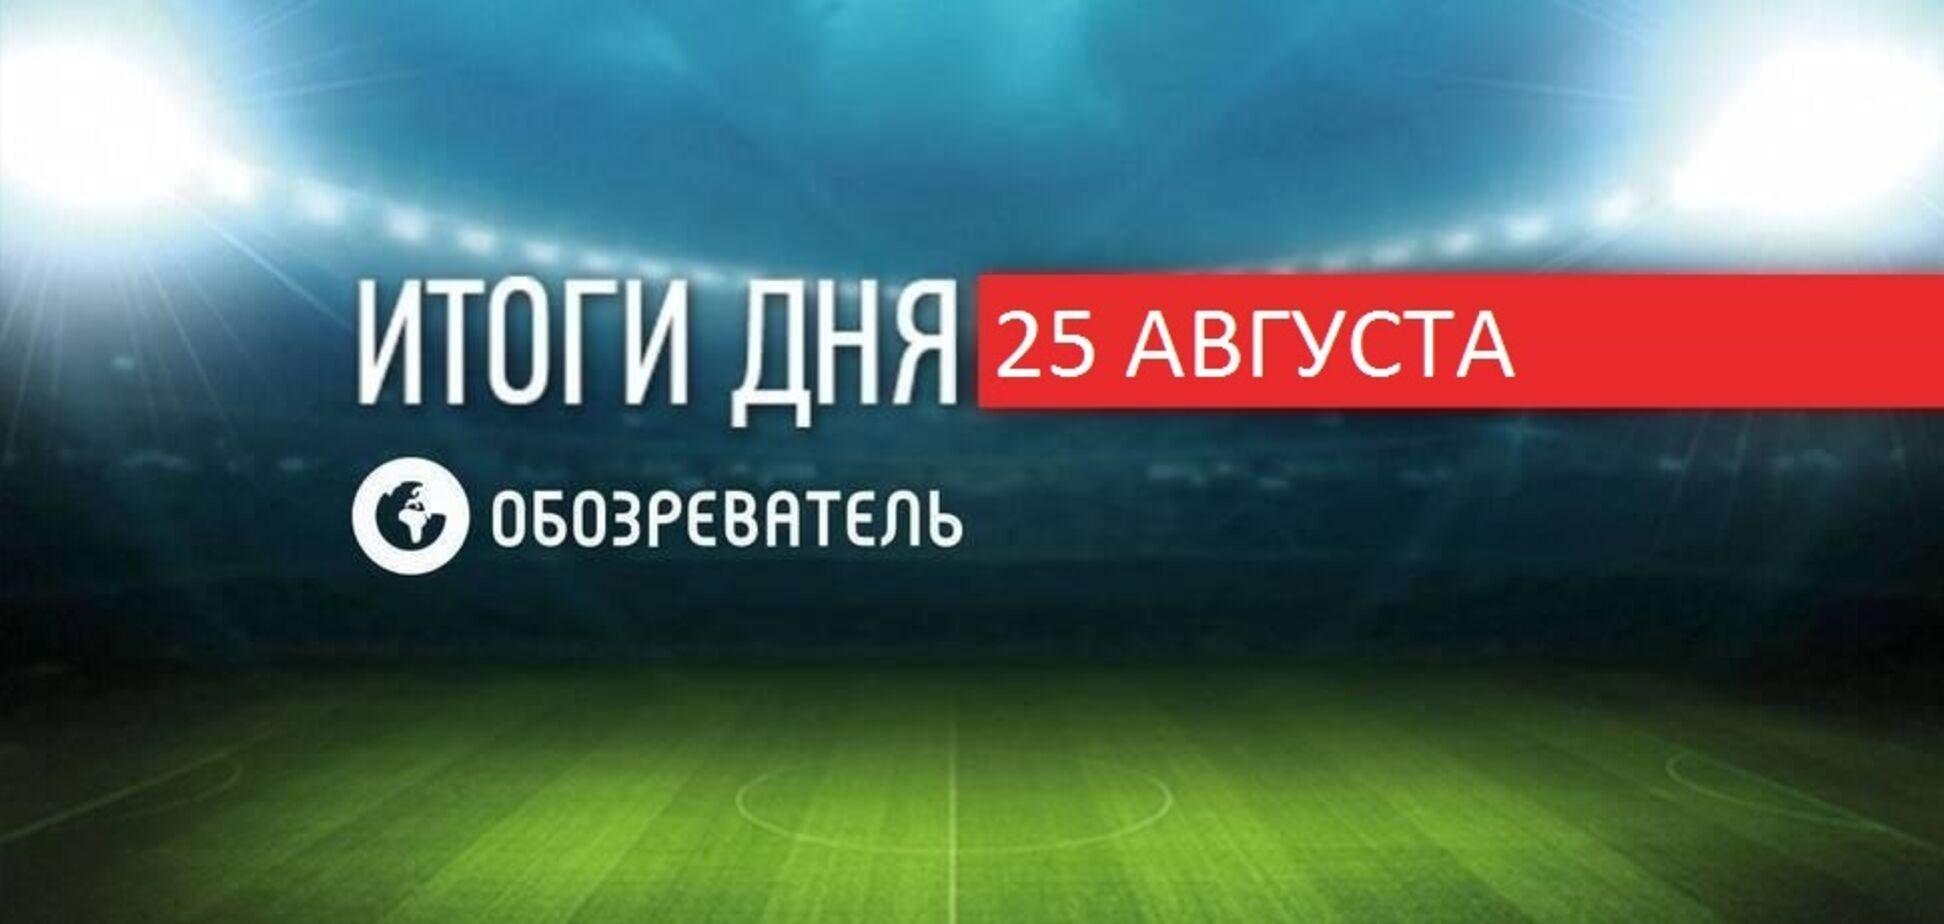 Луческу с 'Динамо' обыграл 'Шахтер' в Суперкубке: спортивные итоги 25 августа